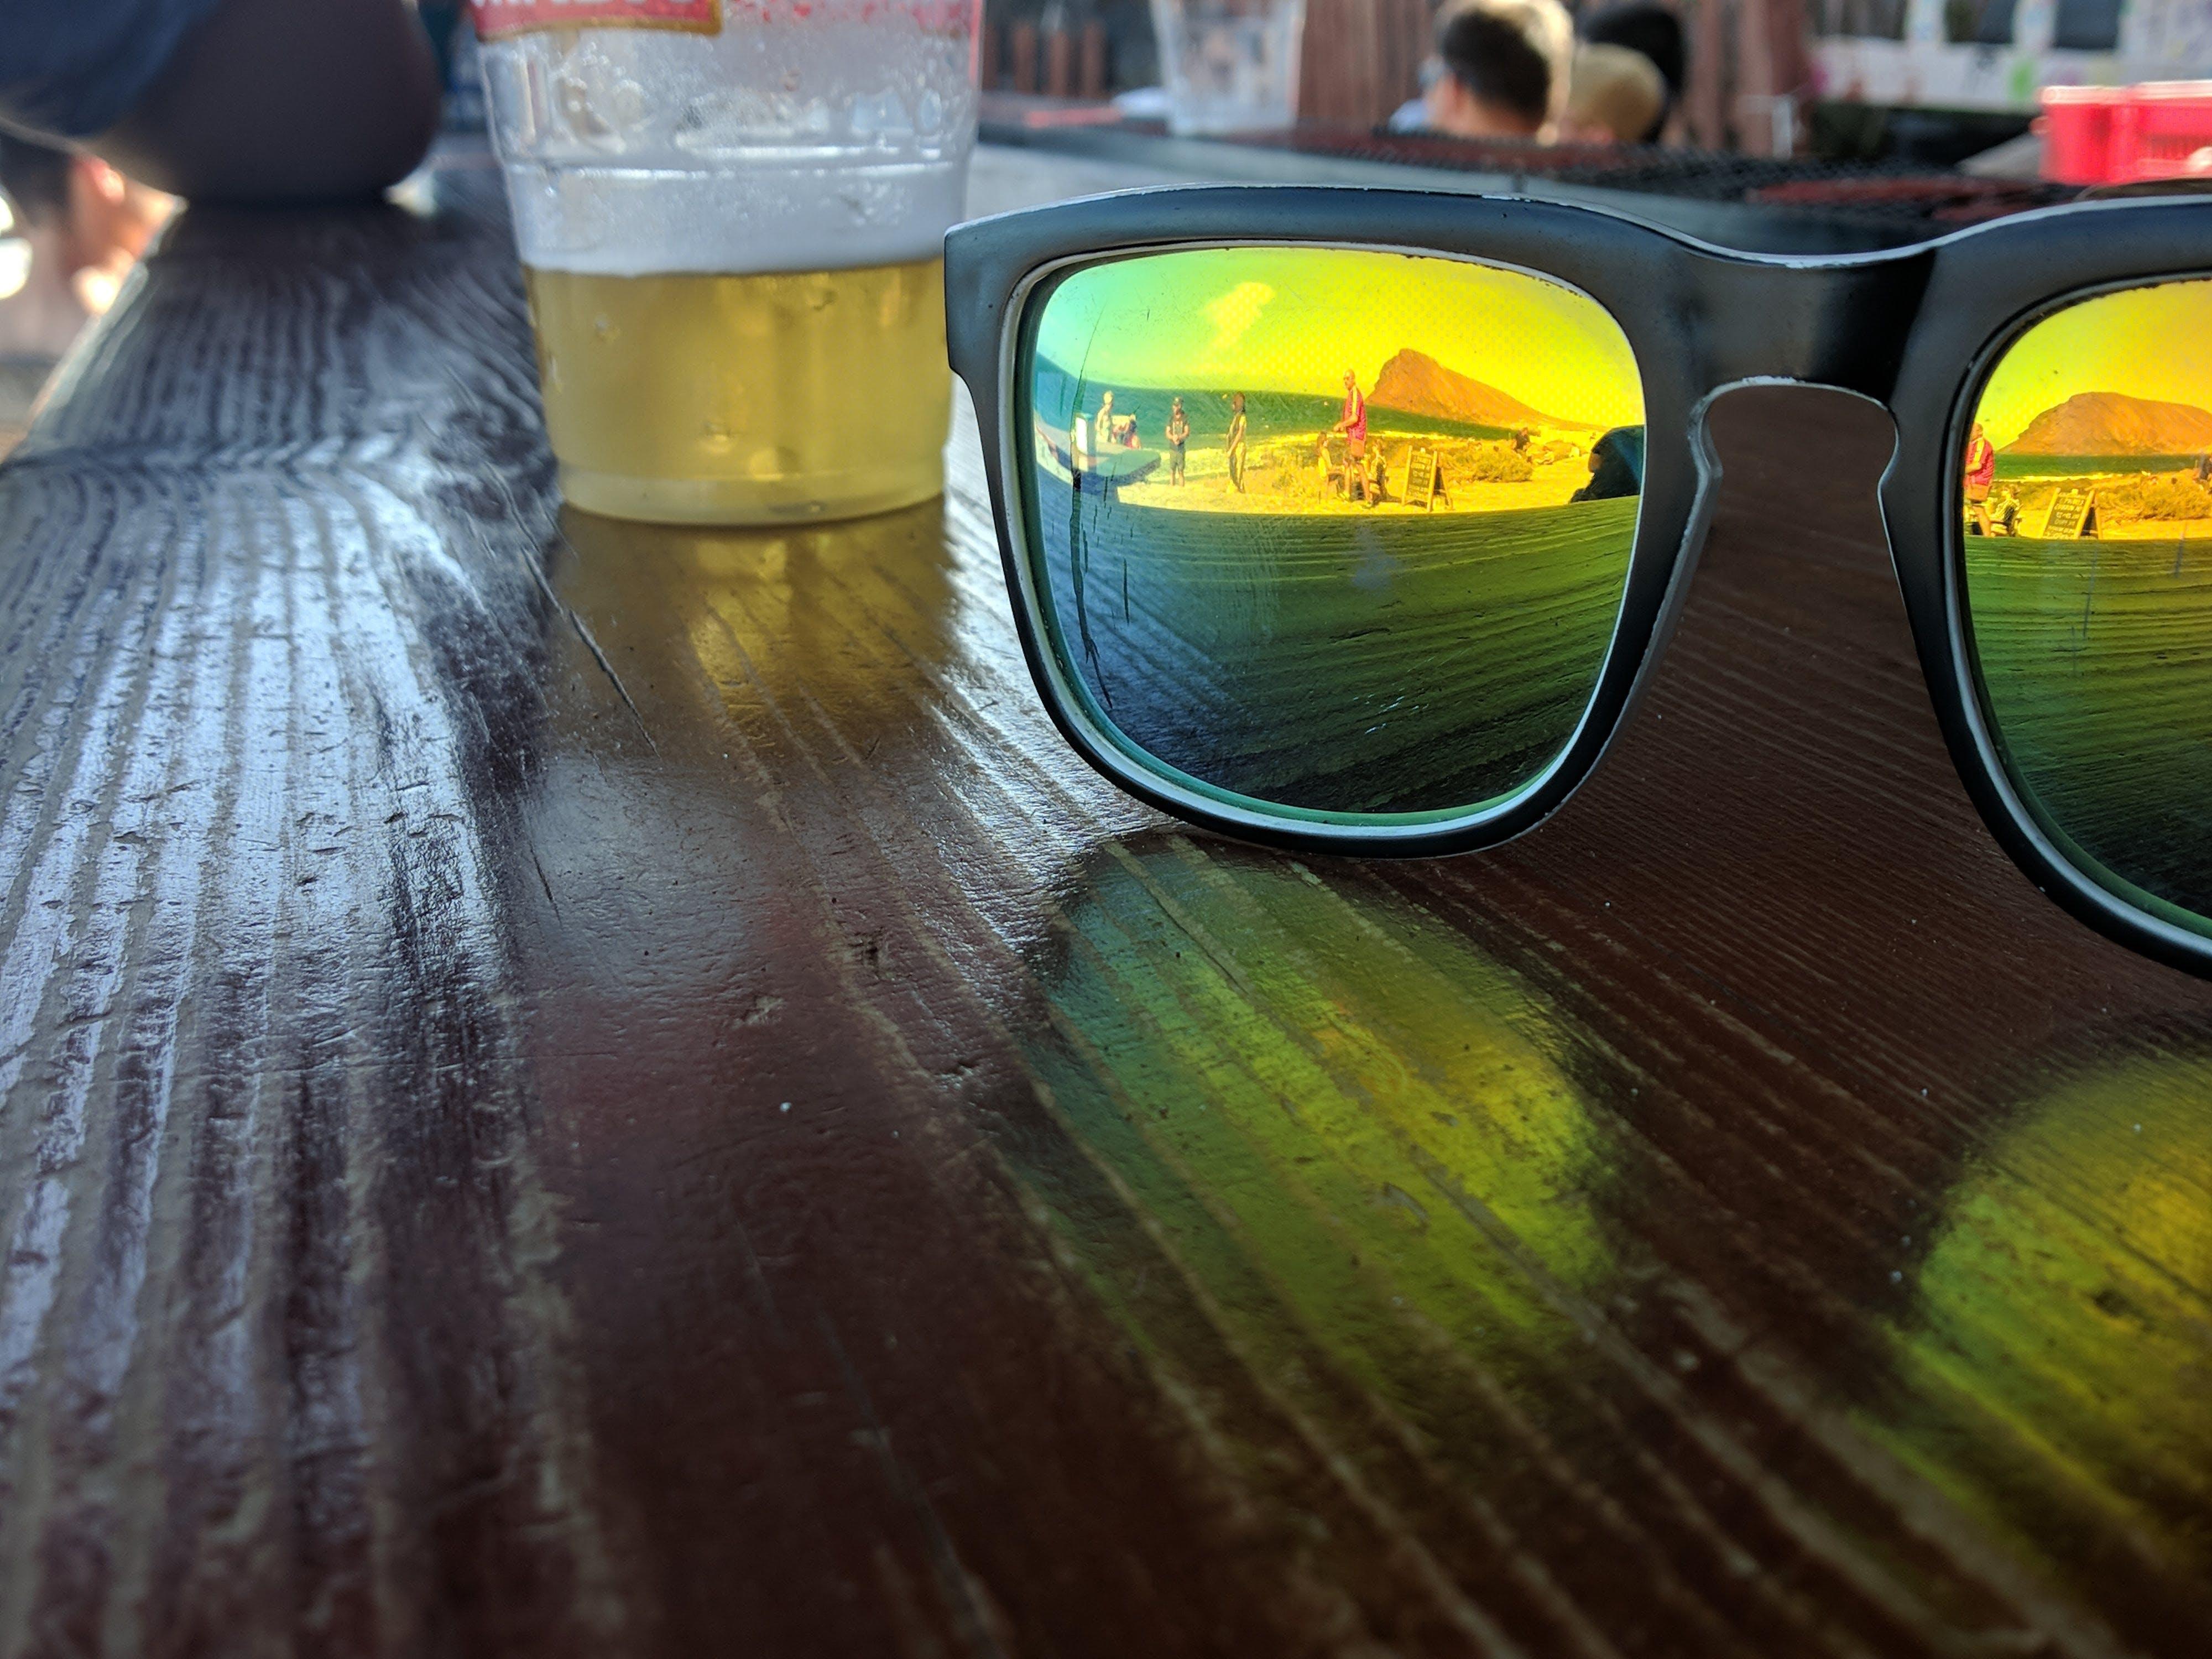 Free stock photo of beach, beer, eye glasses, golden sun